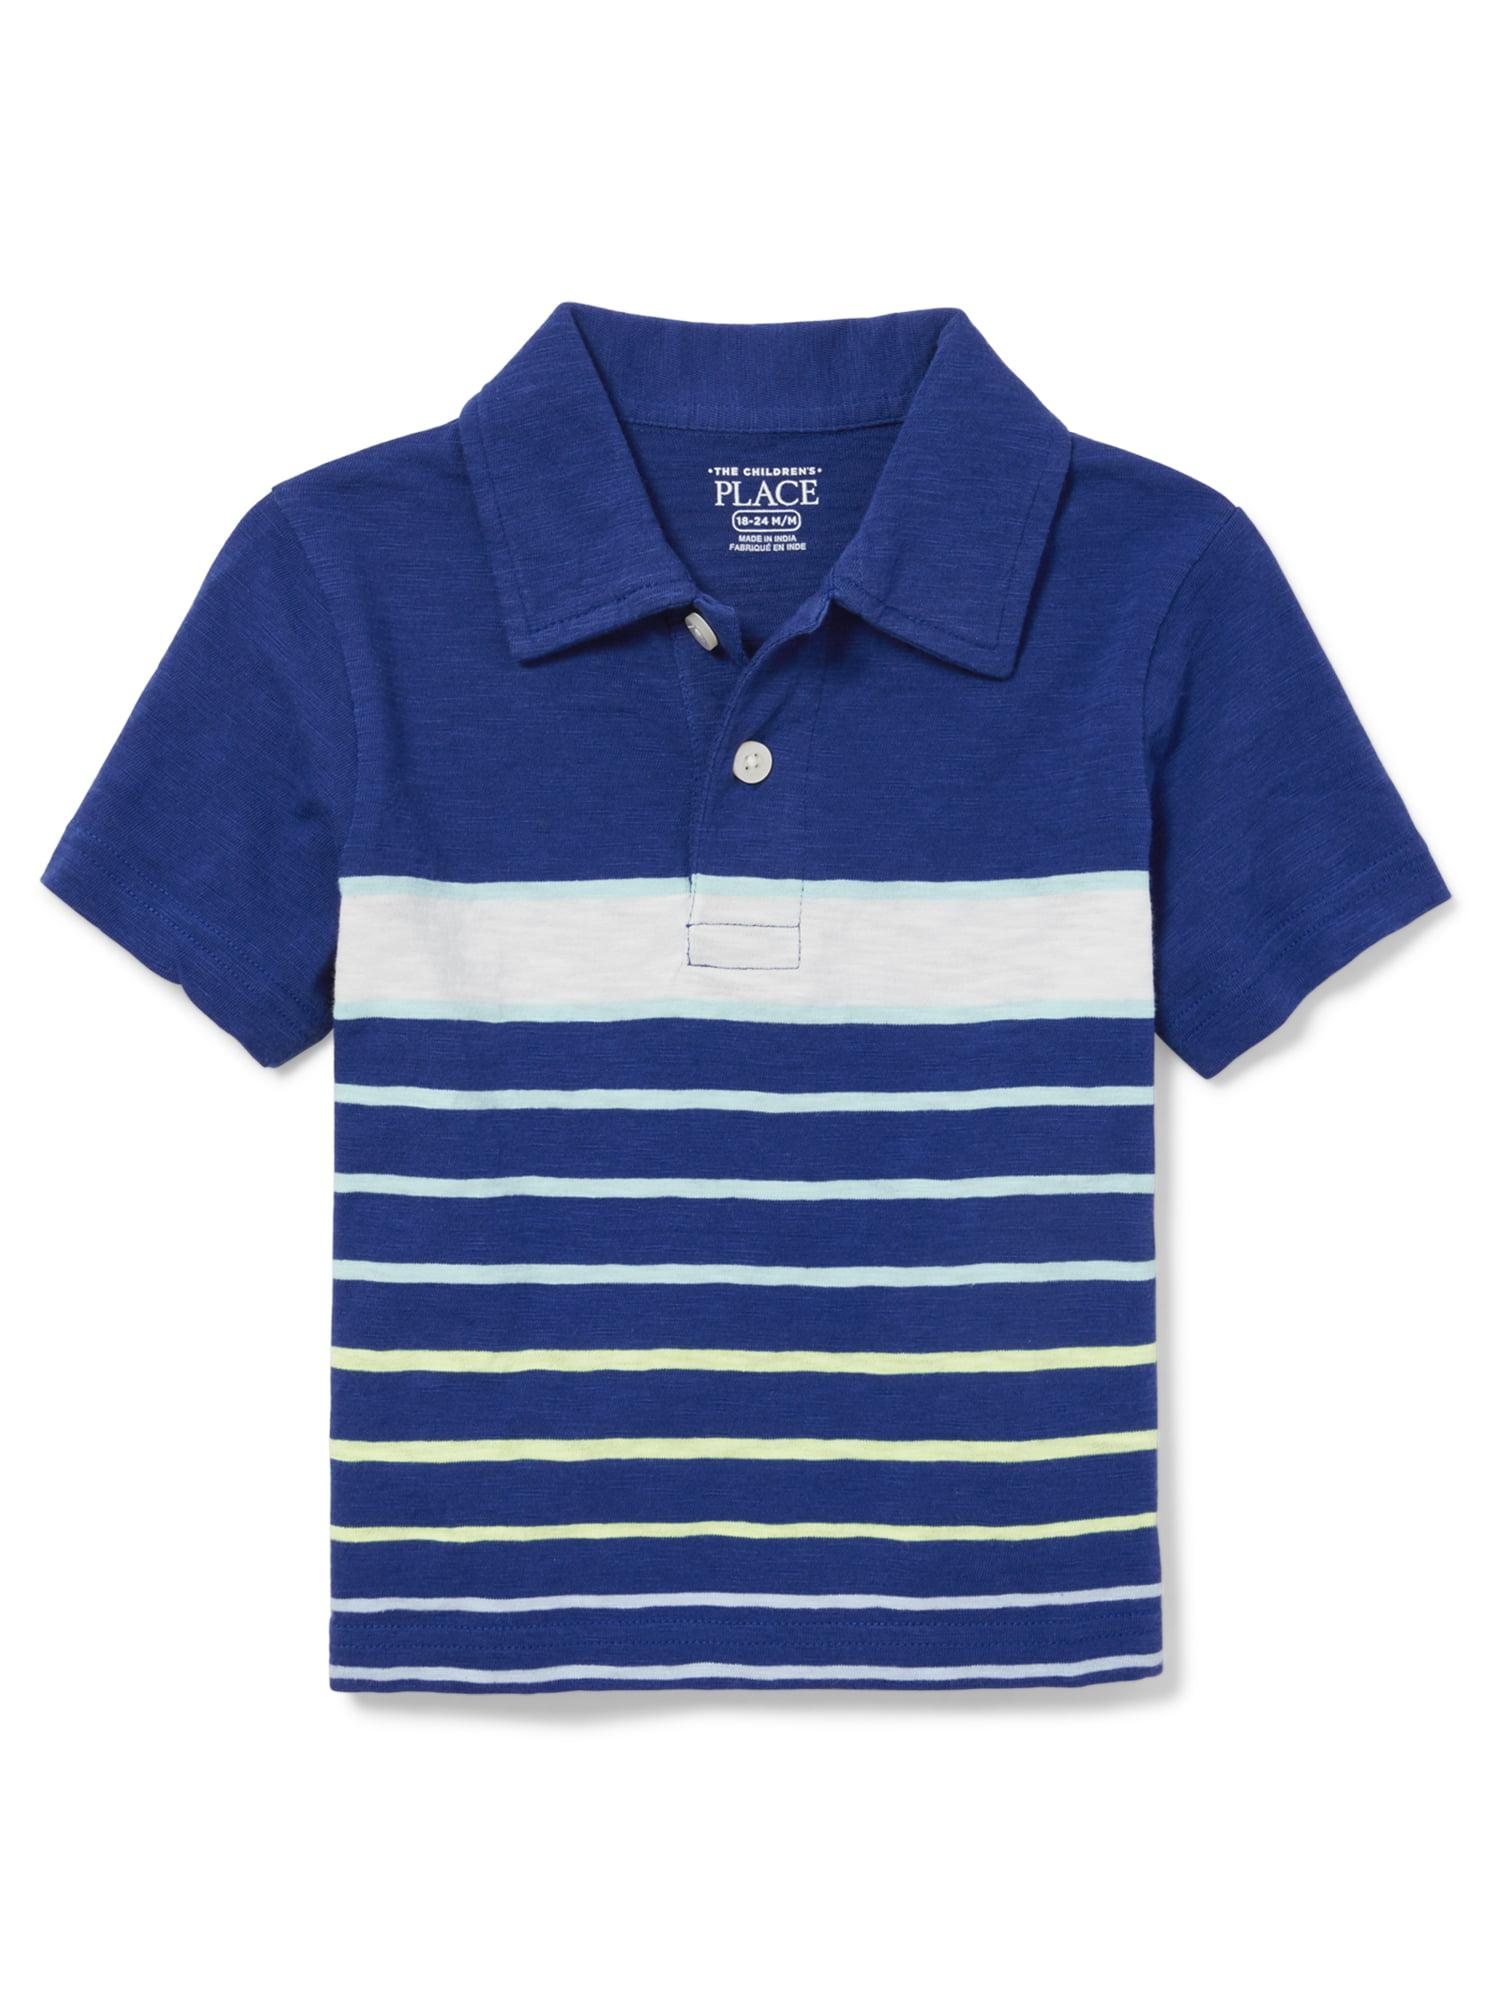 Toddler Boys Striped Short Sleeve Collared Polo (Toddler Boys)